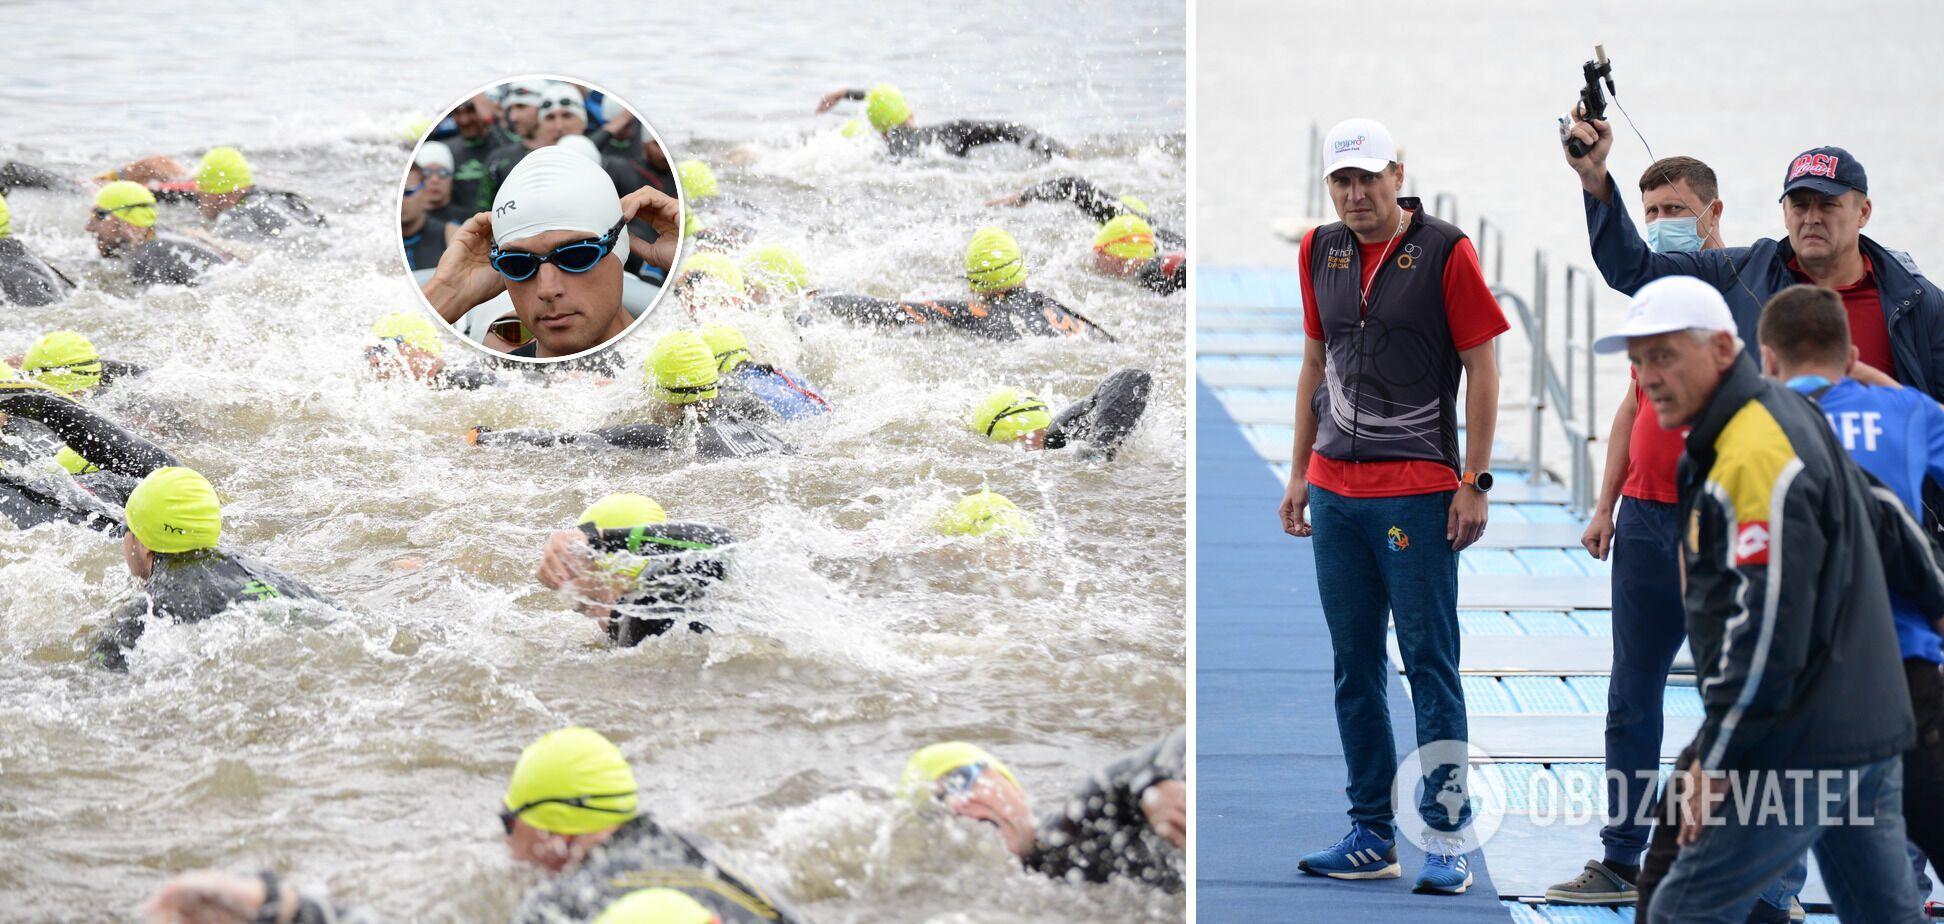 В 'Dnipro triathlon fest' приняло участие рекордное количество спортсменов-любителей, самому старшему – более 60 лет